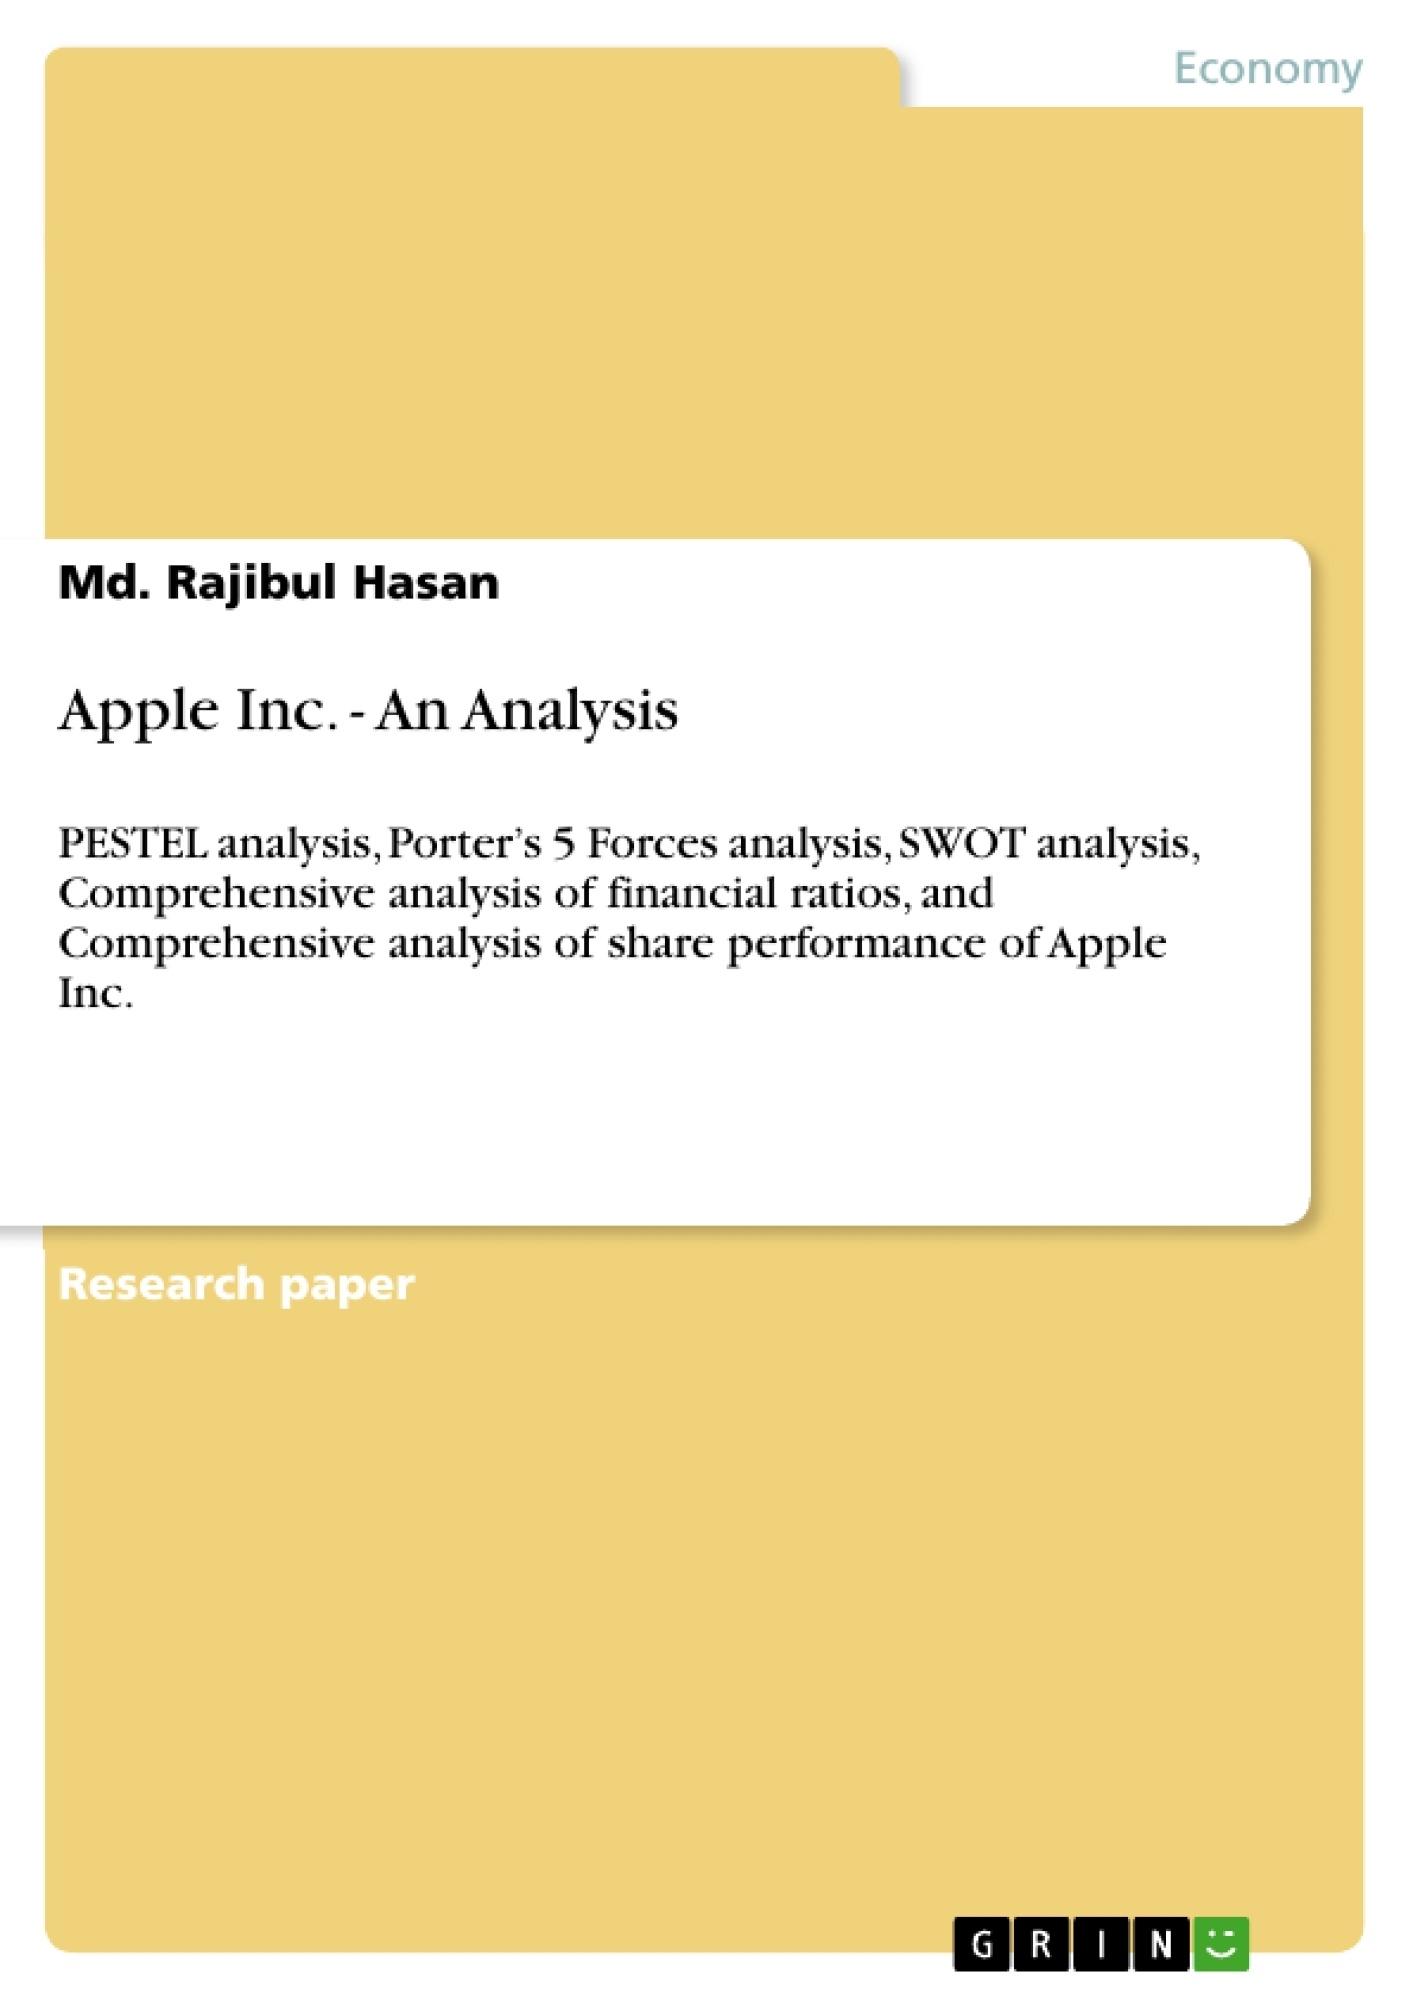 GRIN - Apple Inc  - An Analysis